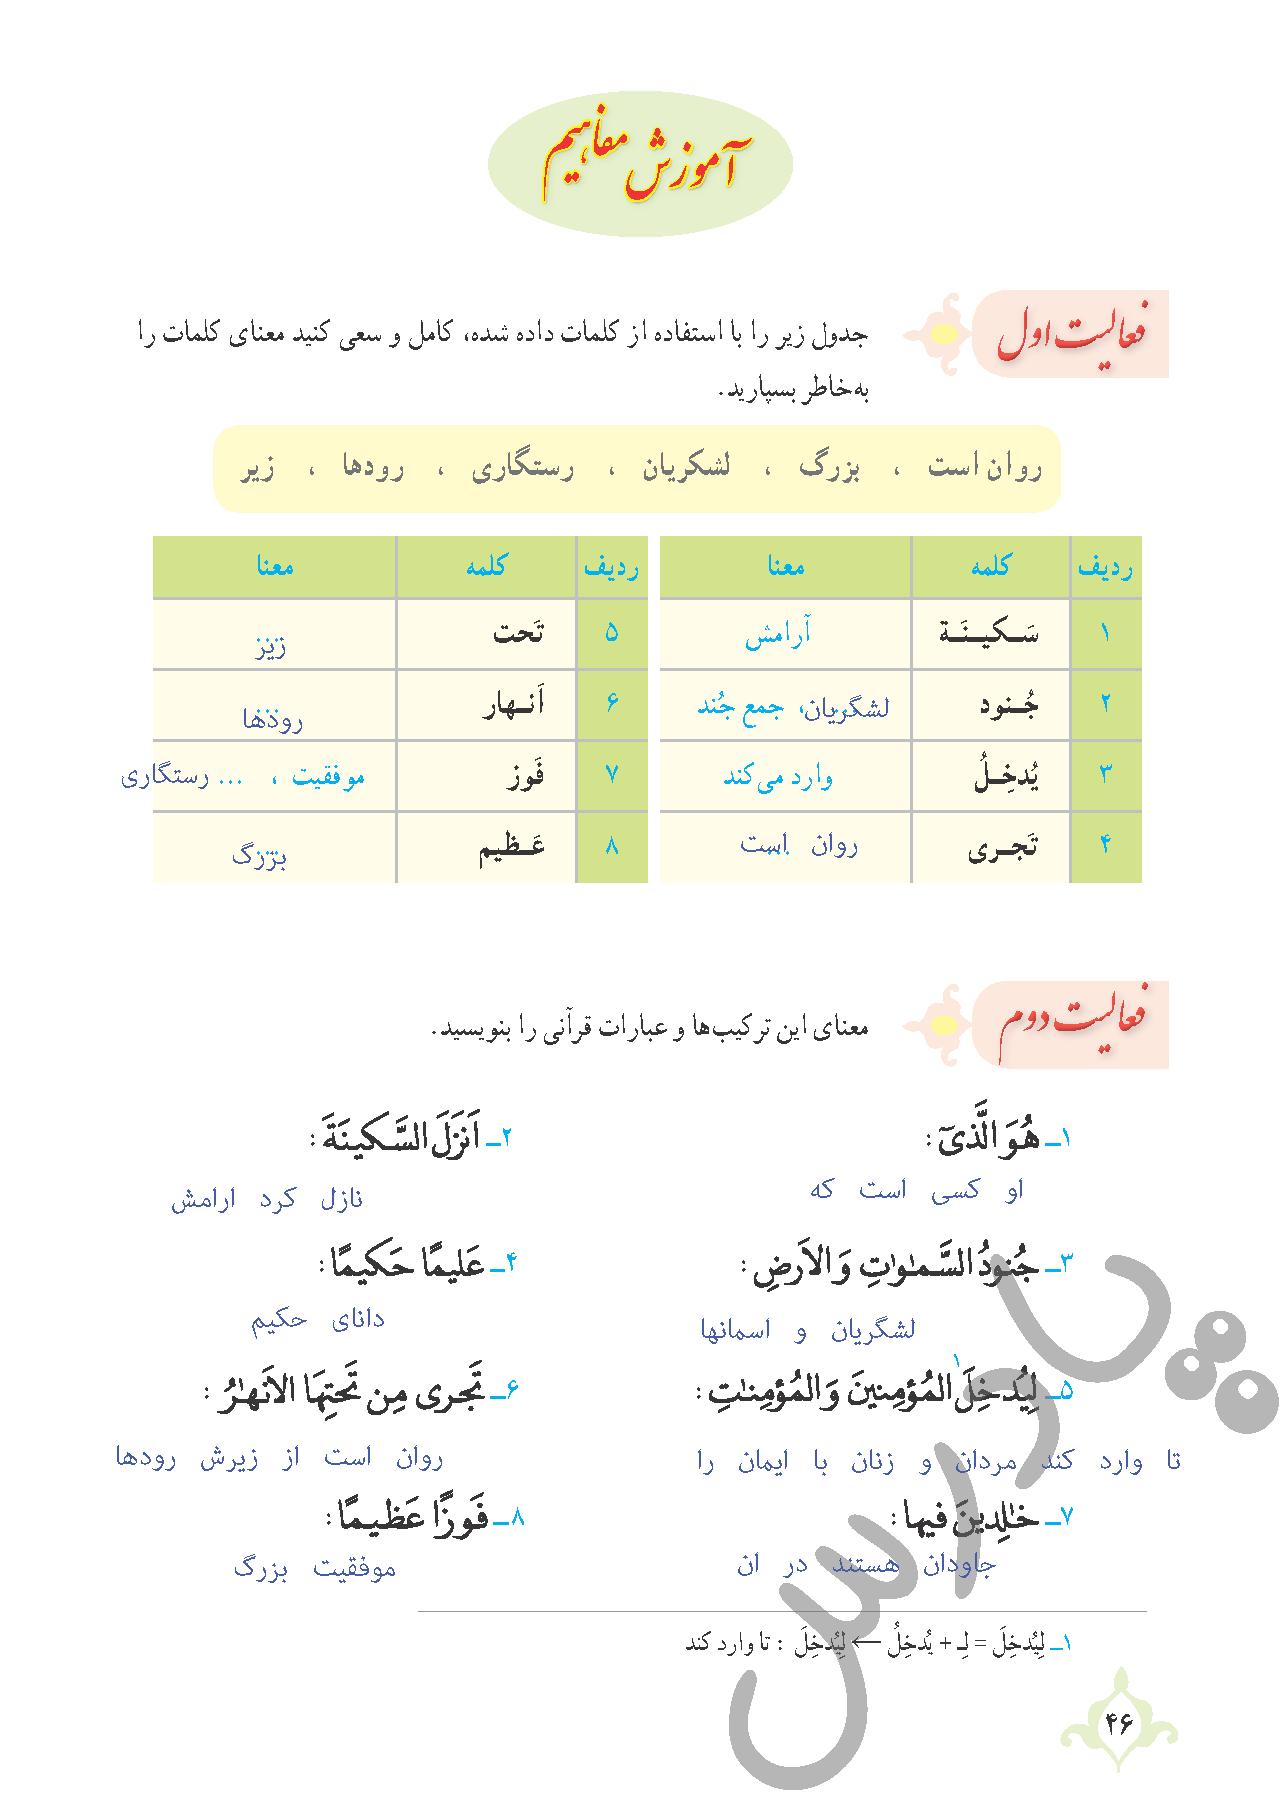 پاسخ فعالیت درس 4 قرآن نهم - بخش اول